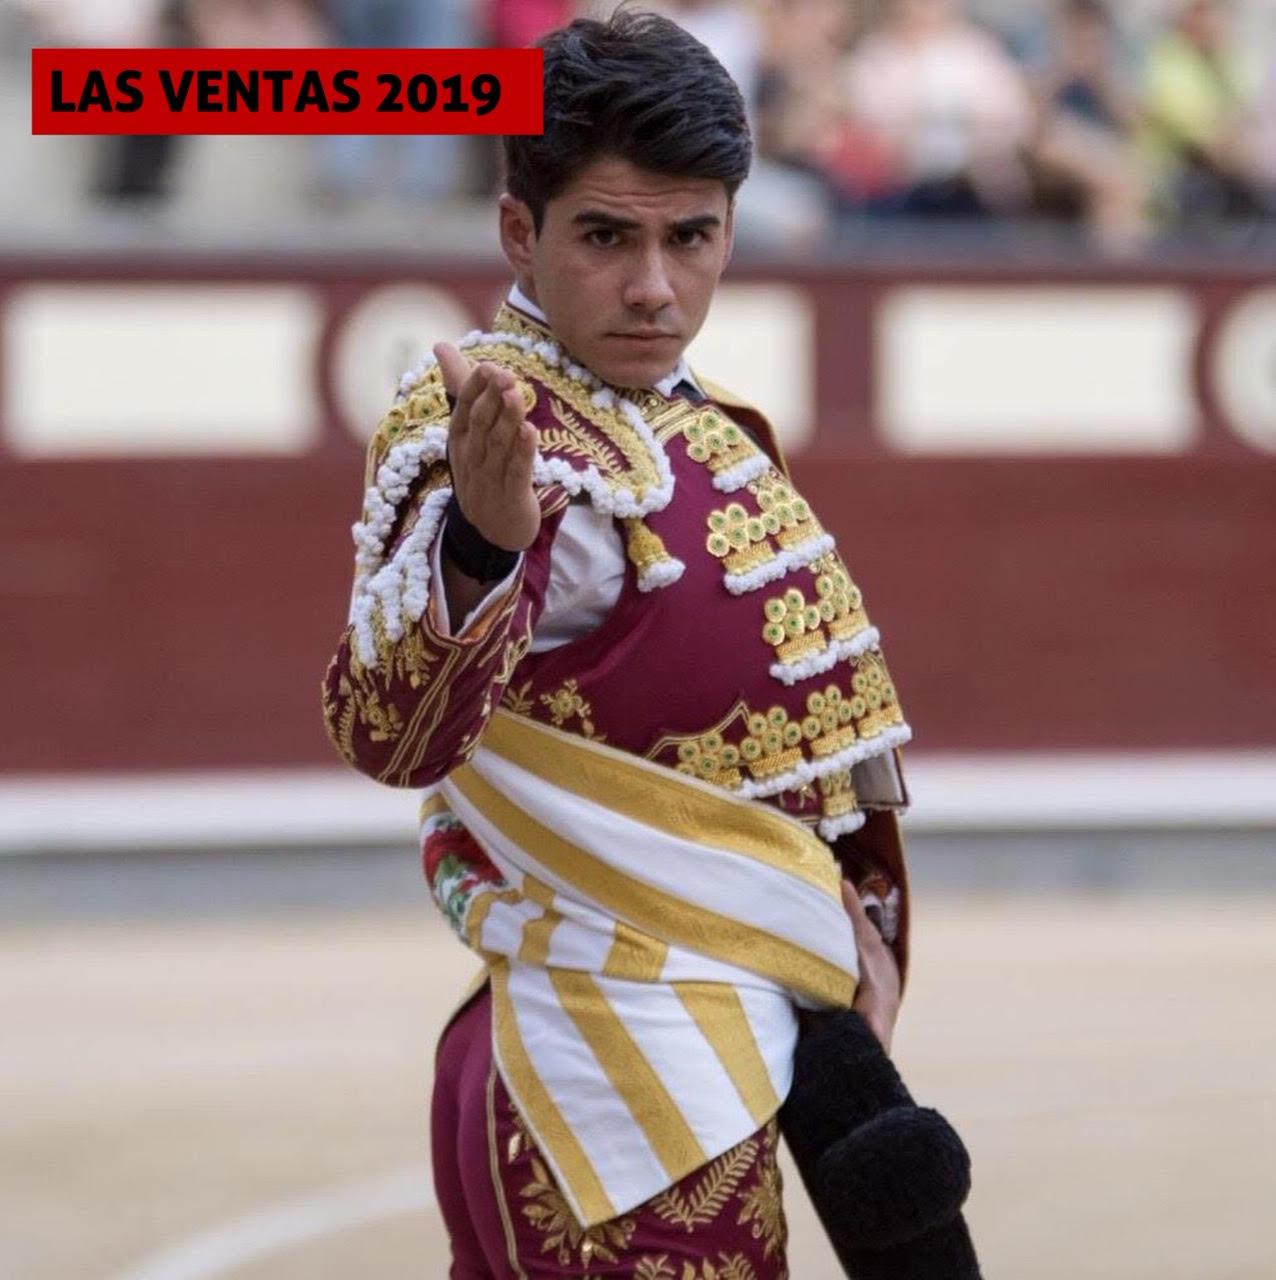 Las Ventas 2019